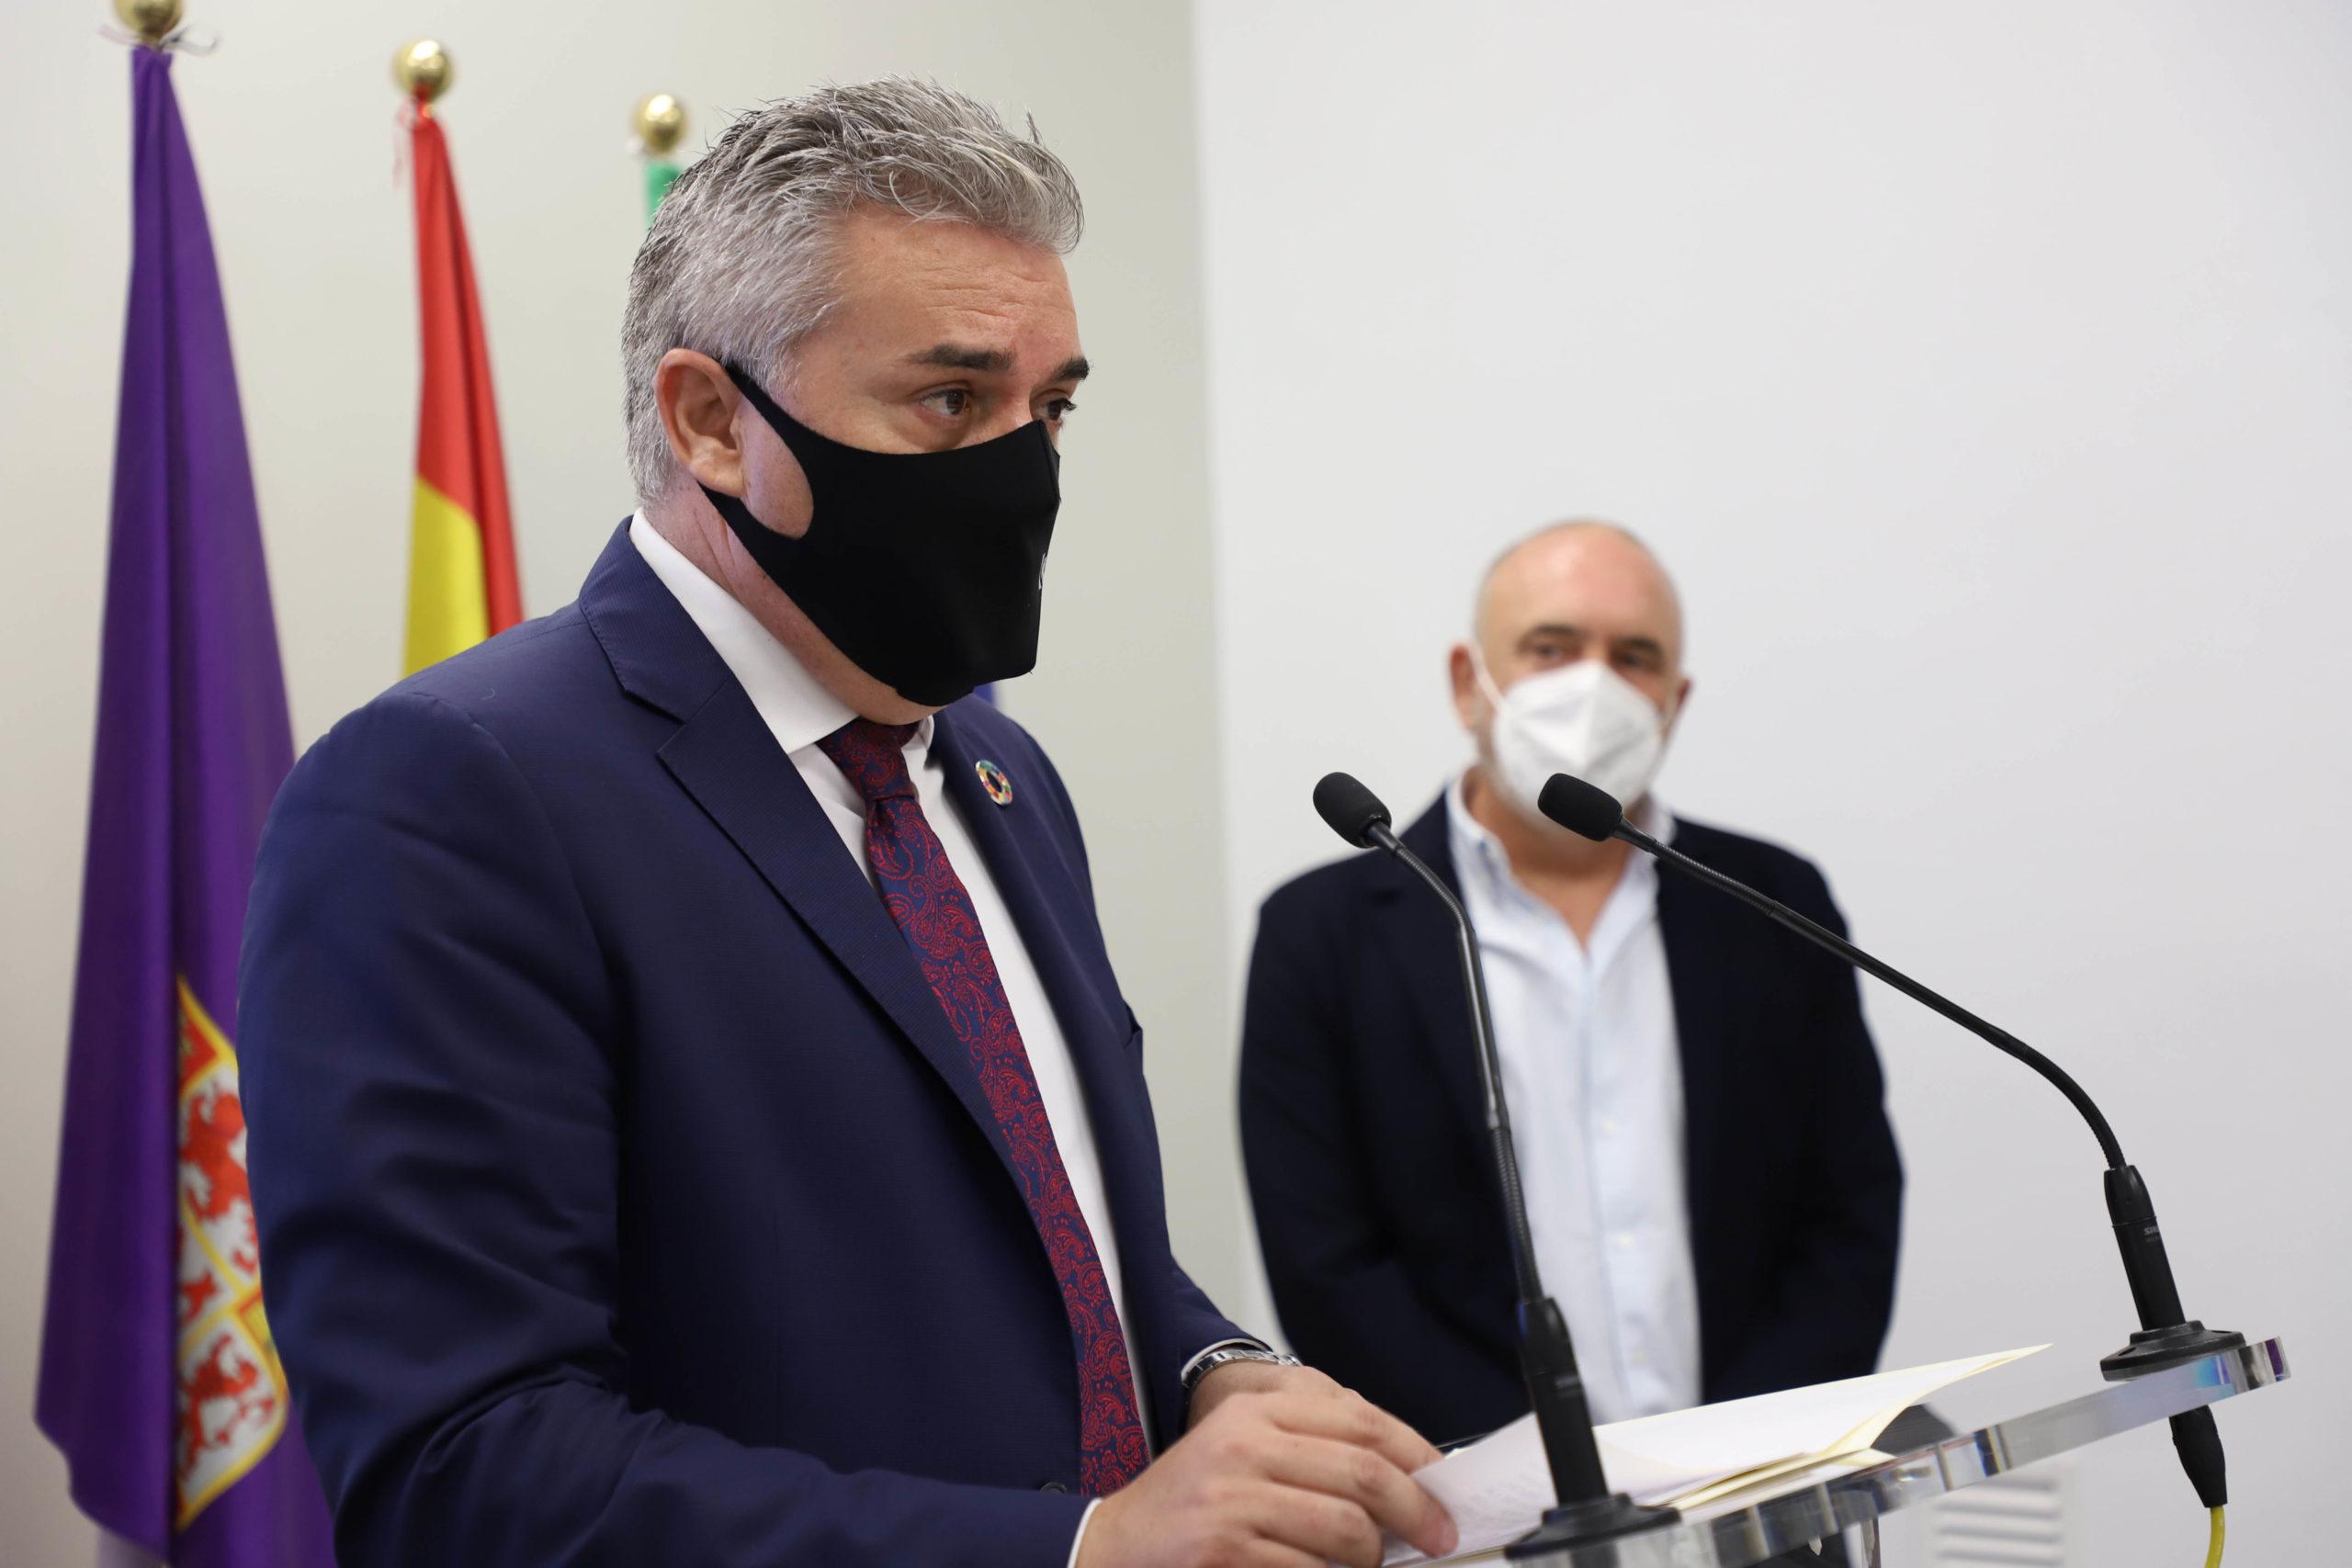 La Diputación concurre a una convocatoria con un proyecto de Comercio Digital para El Guadiato y Los Pedroches